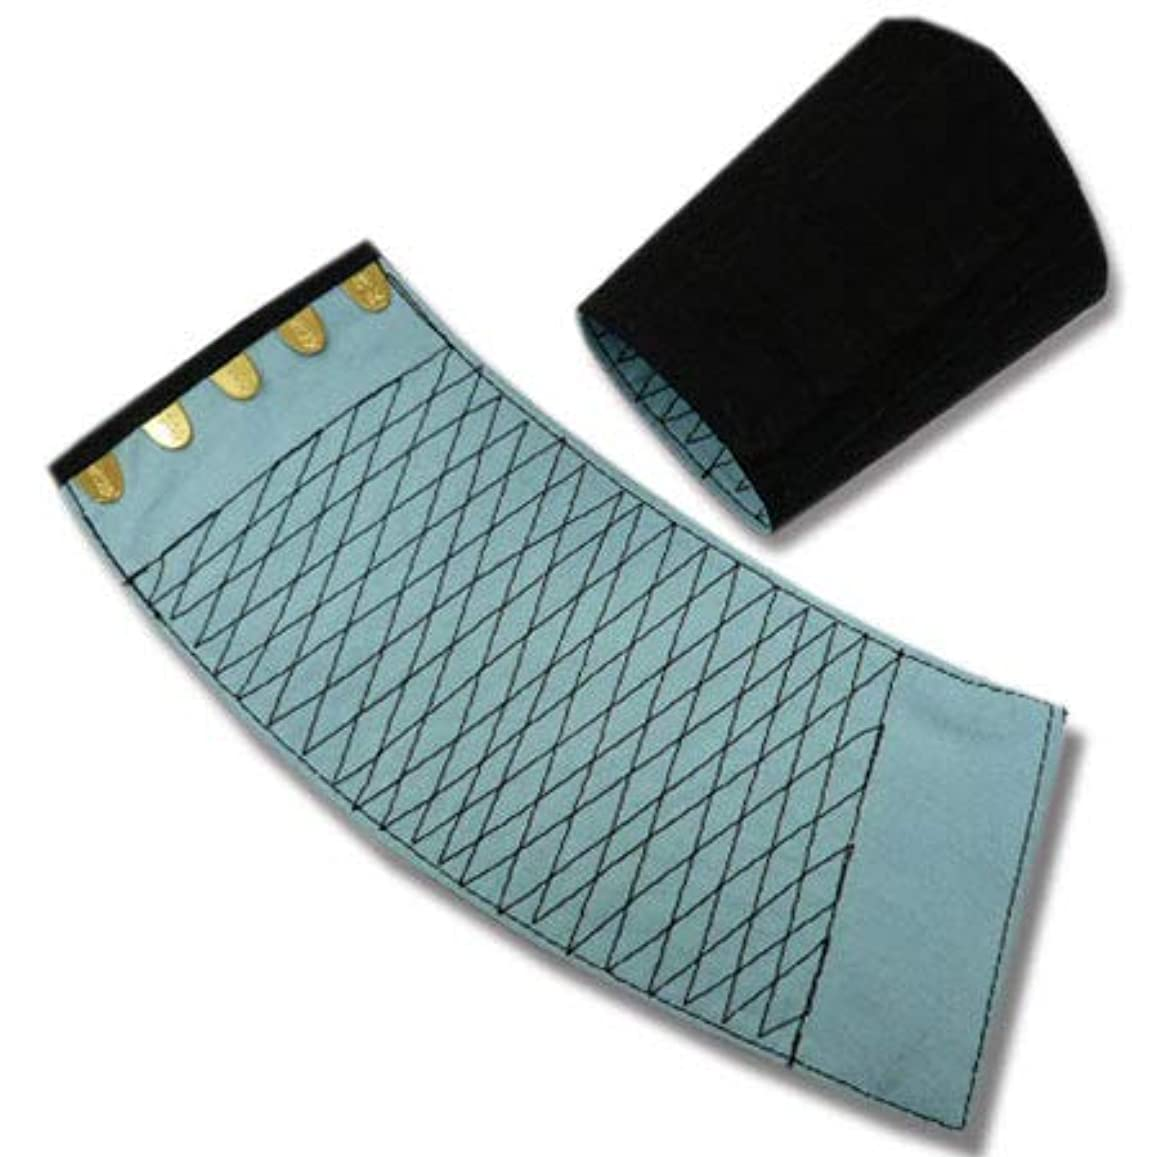 卵鋸歯状合計[きねや] 手甲 5枚コハゼ 「きねや無敵」 青縞手甲(藍染)腕貫 幅約10.7cm 5双セット